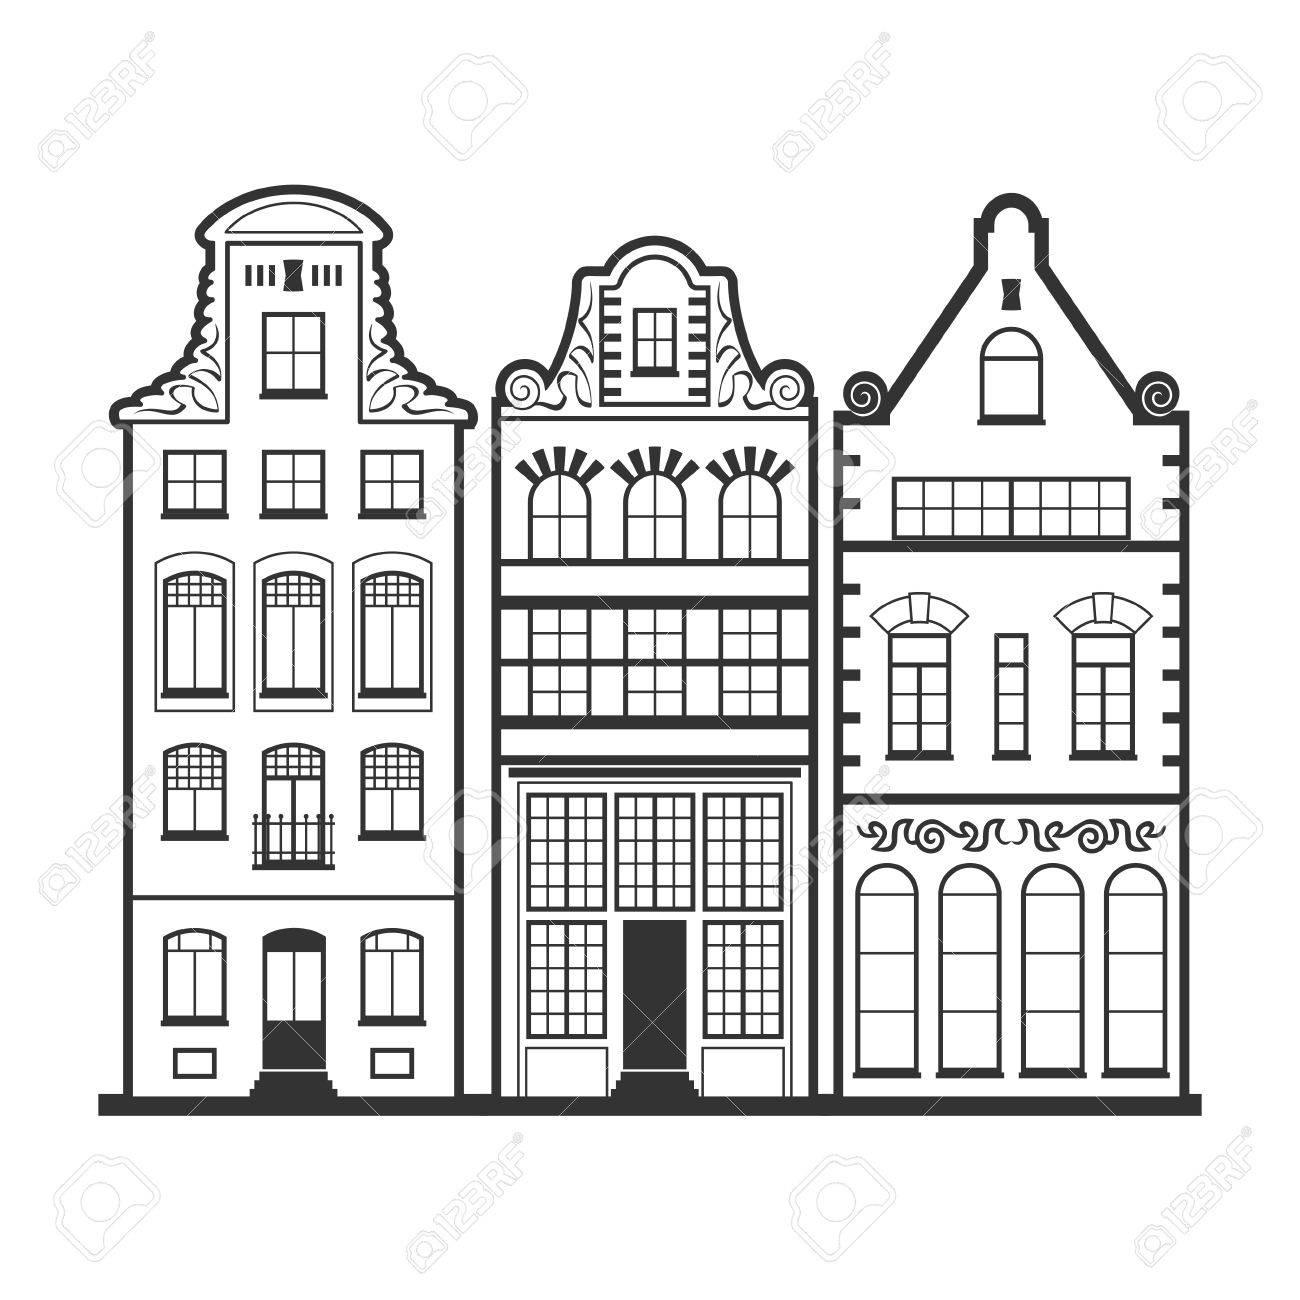 Conjunto De 3 Casas Antiguas De ámsterdam Fachadas Arquitectura Tradicional De Países Bajos Línea De Estilo Blanco Y Negro De Vector Planos